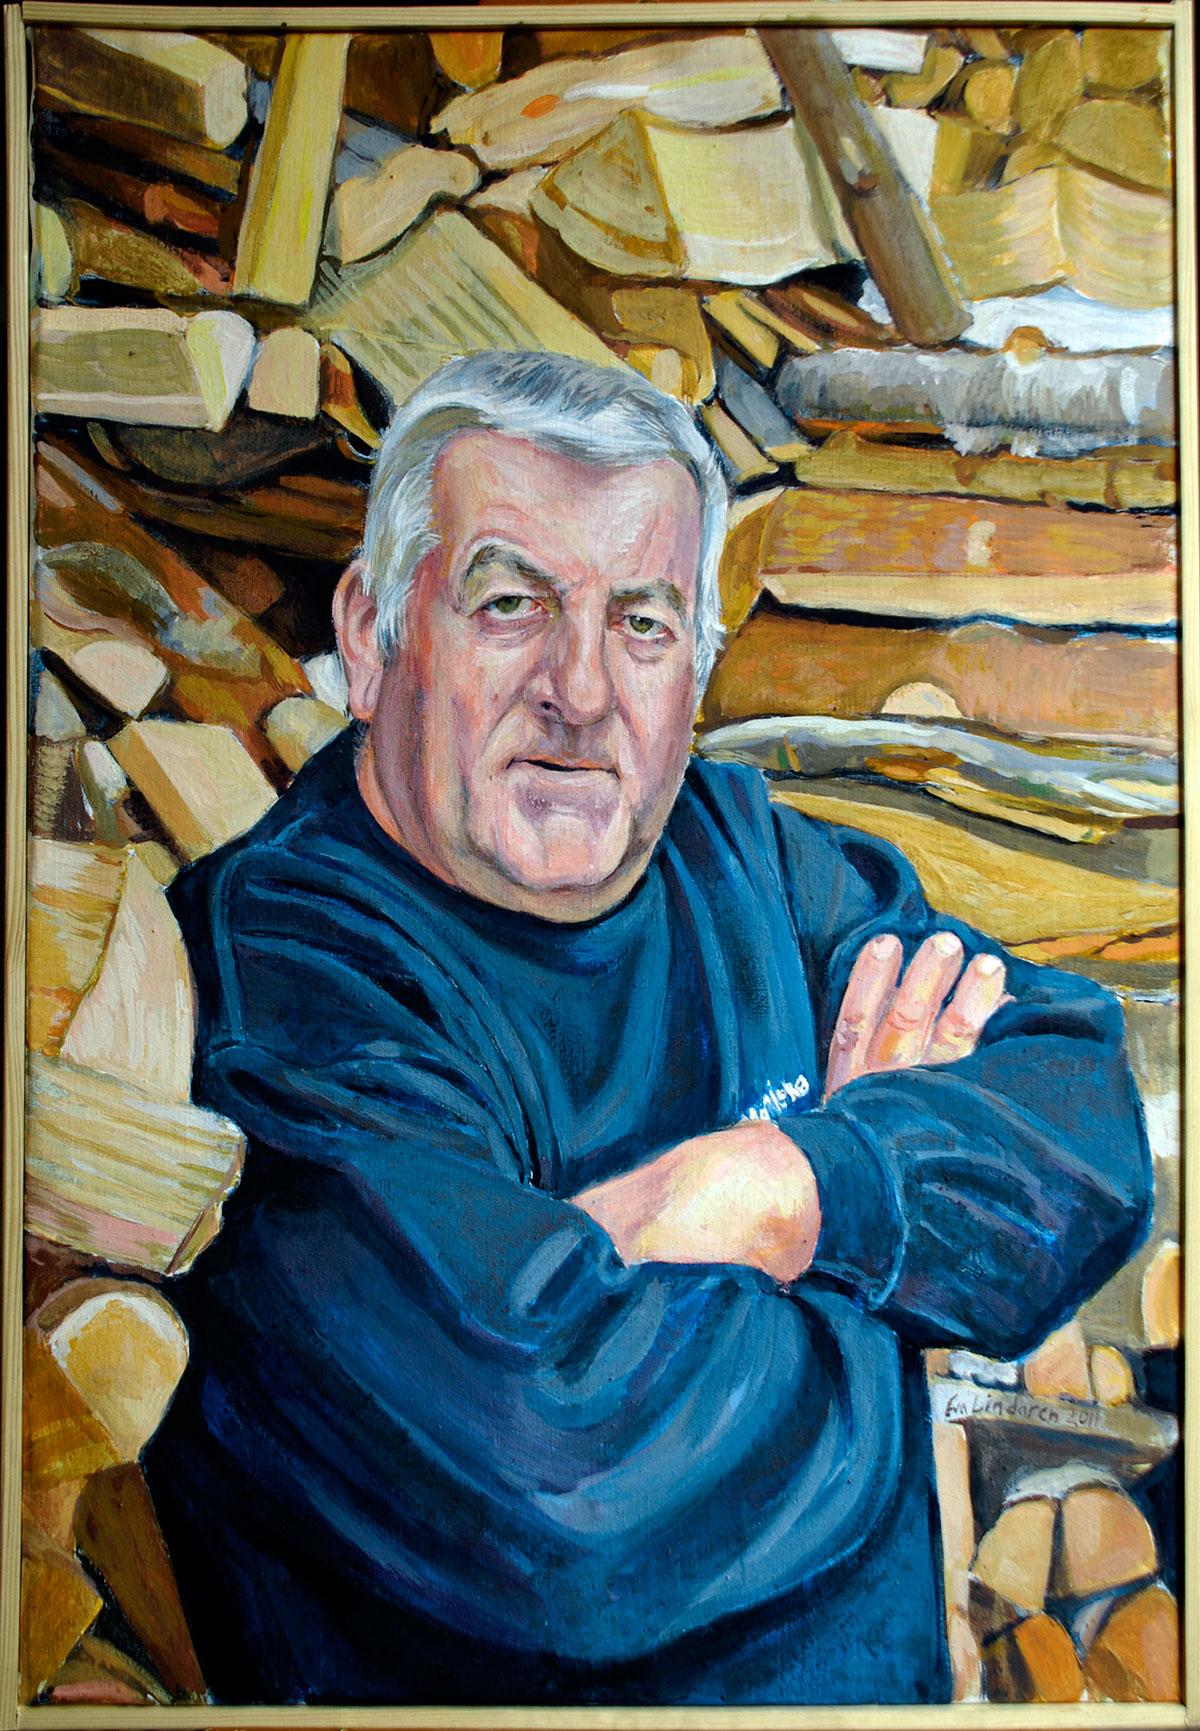 Veden bärgad, tempera på duk, 50 x 76 cm, 2011